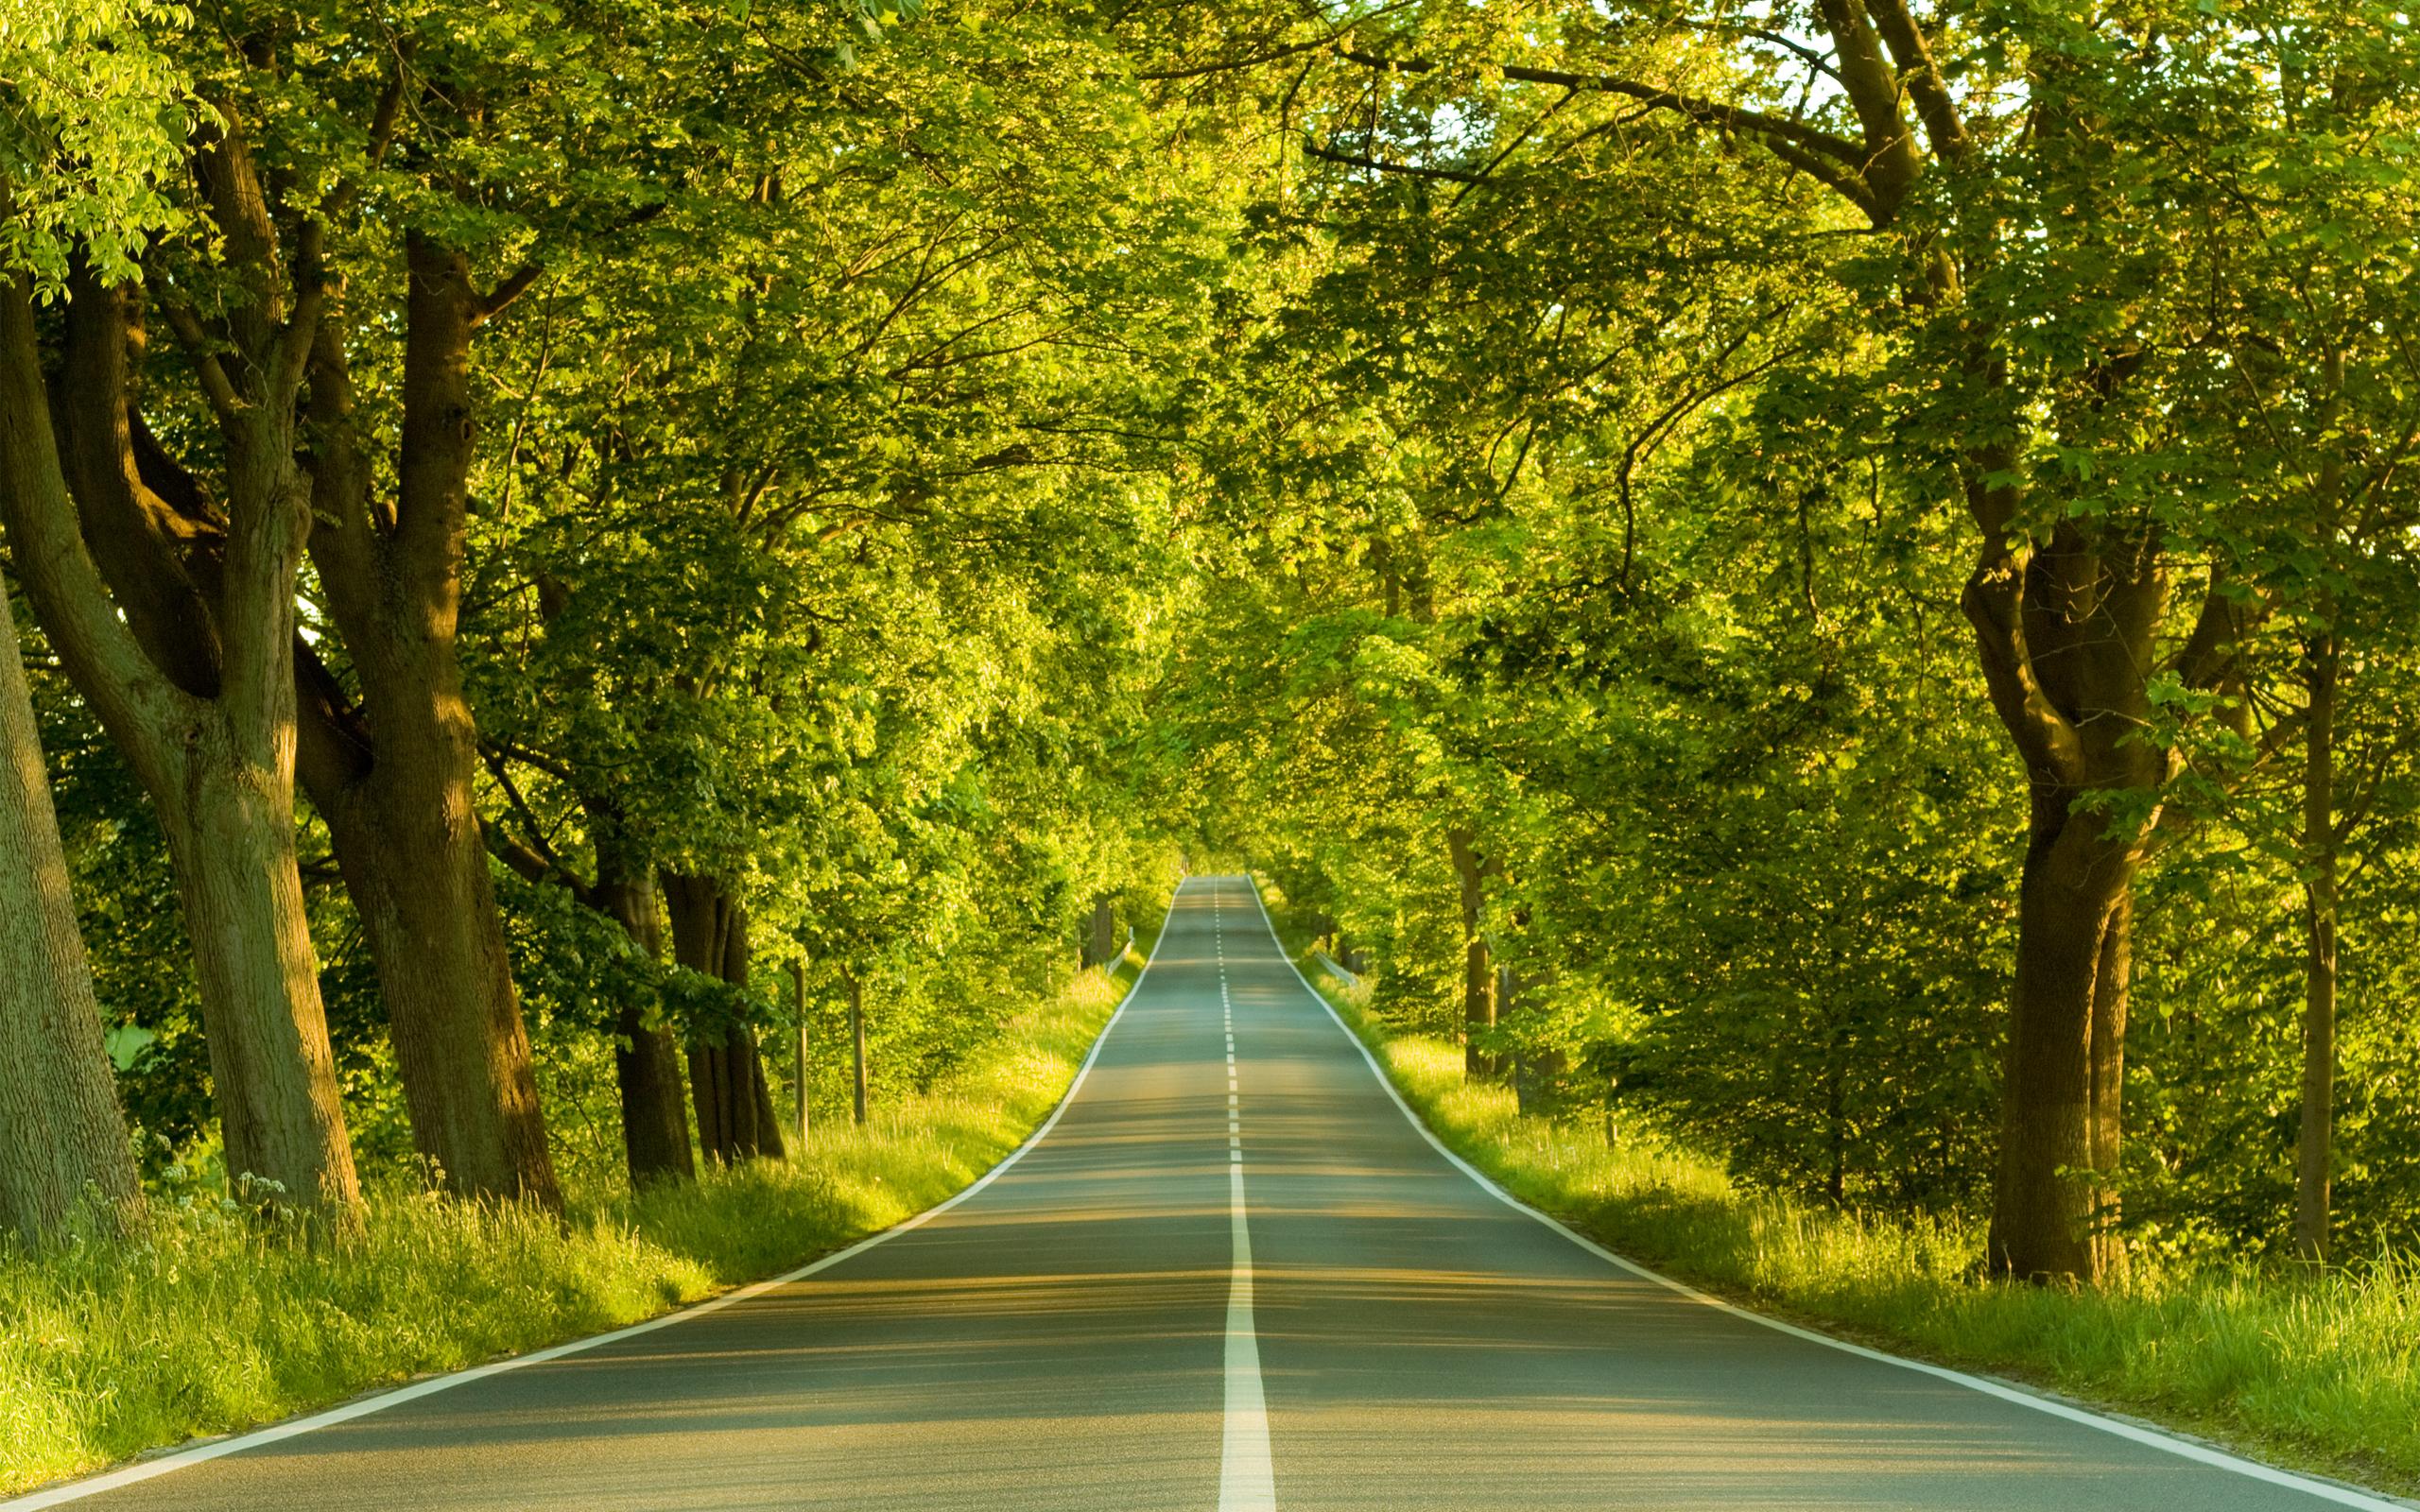 image-nature-background-1